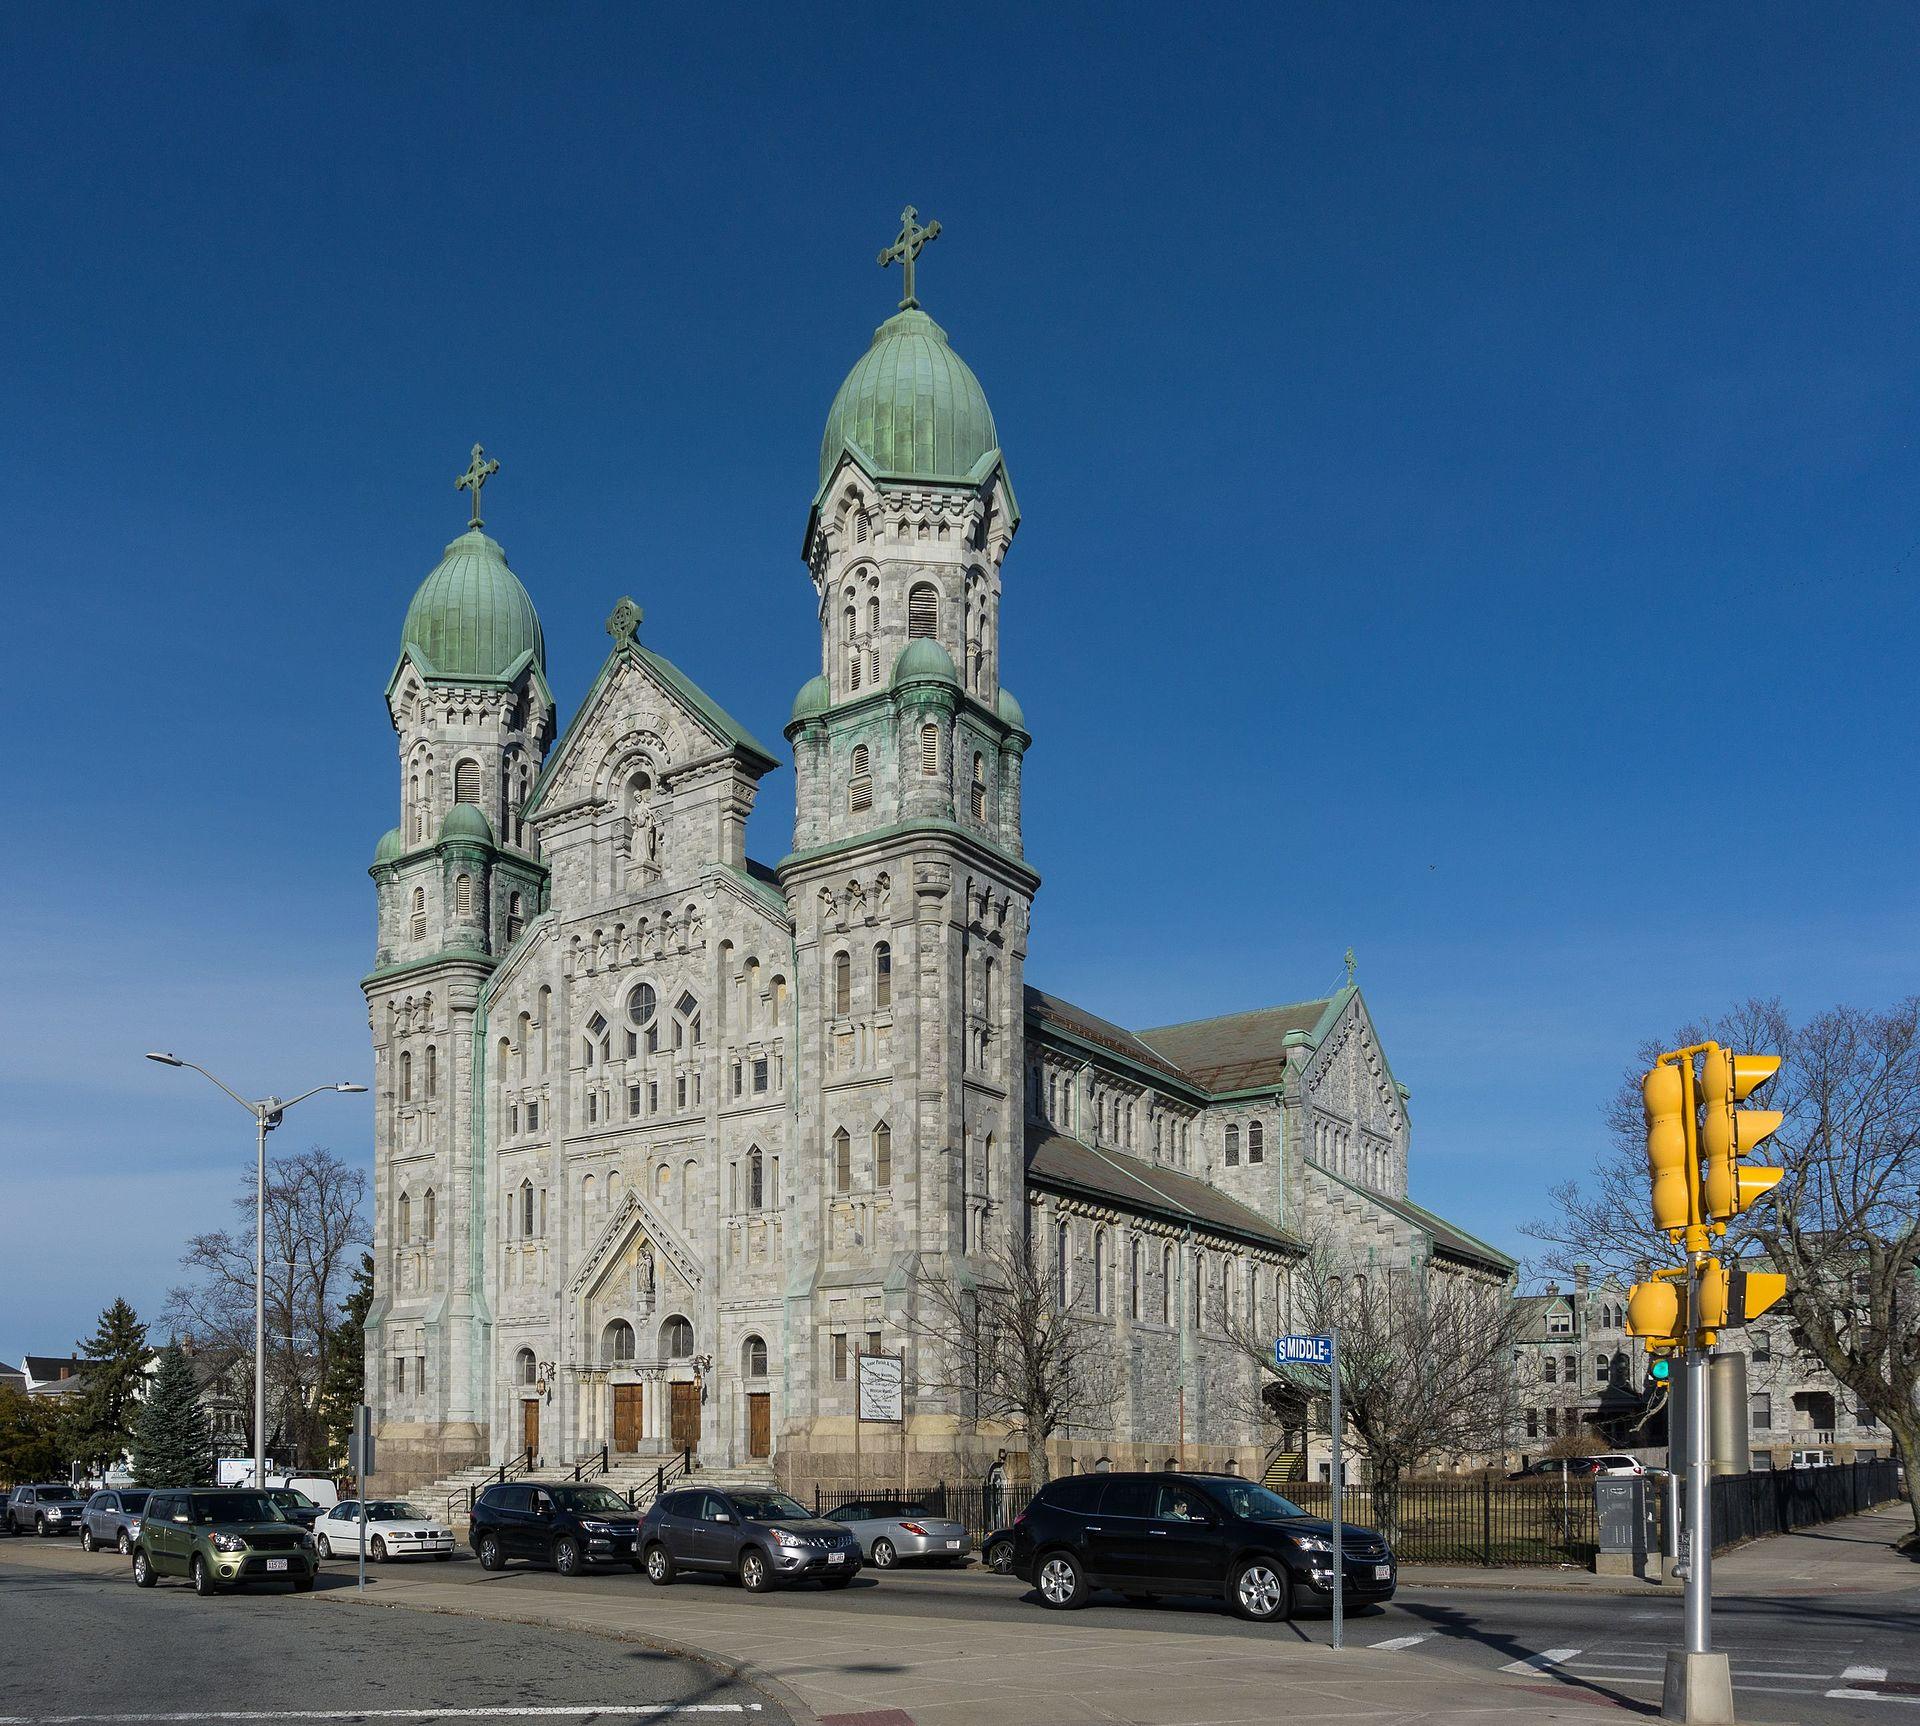 ST ANNE'S PARISH AND CHURCH